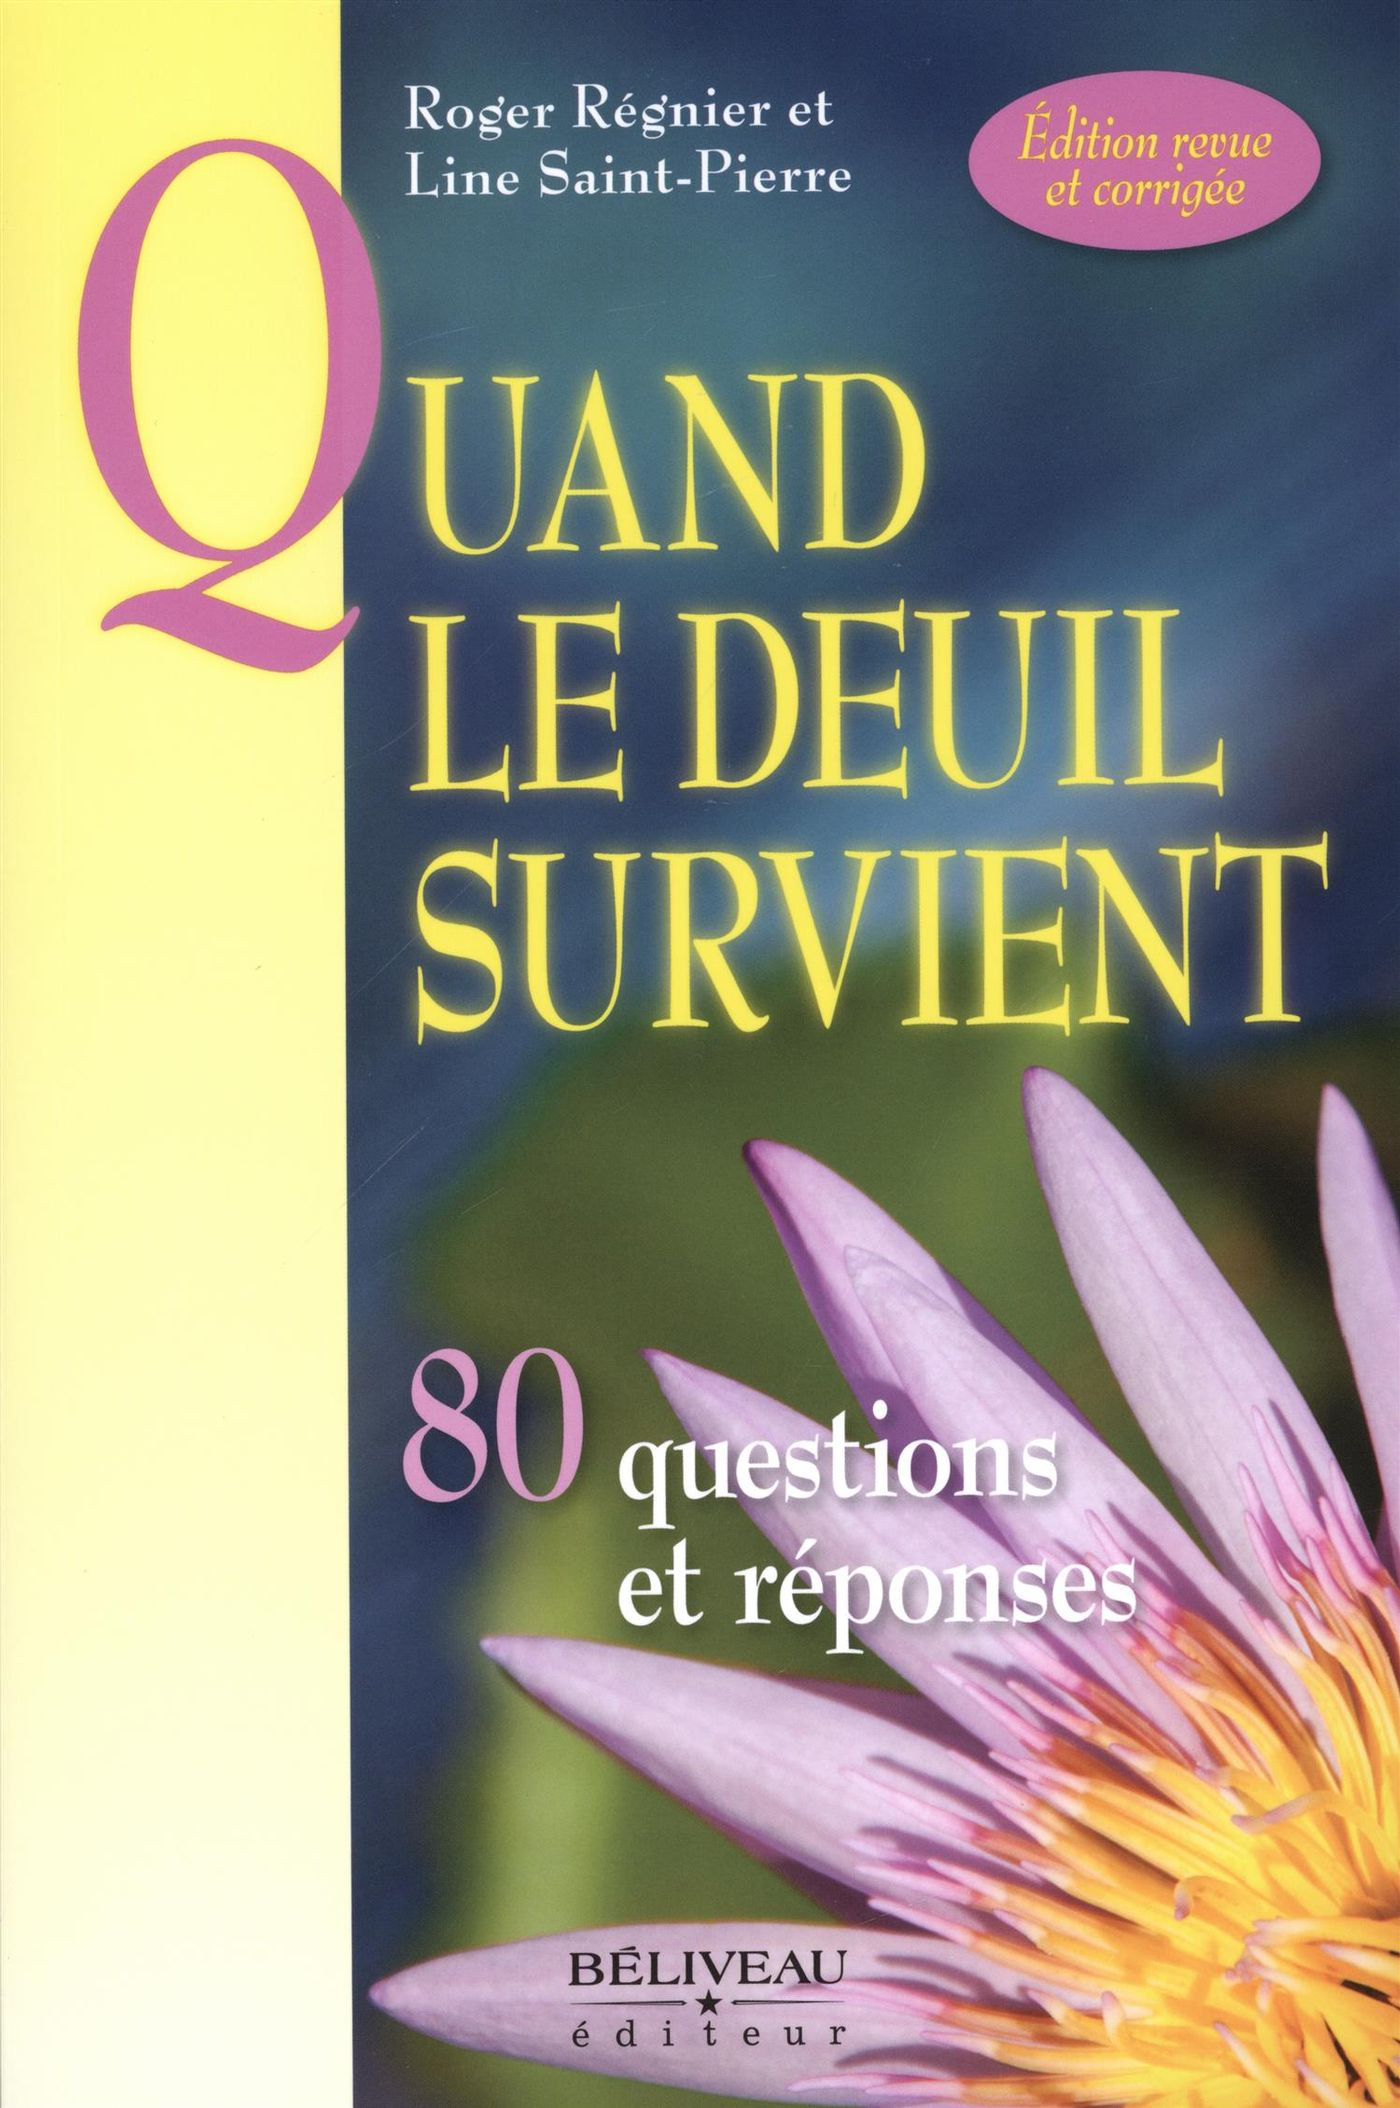 Quand le deuil survient 80 questions et réponses